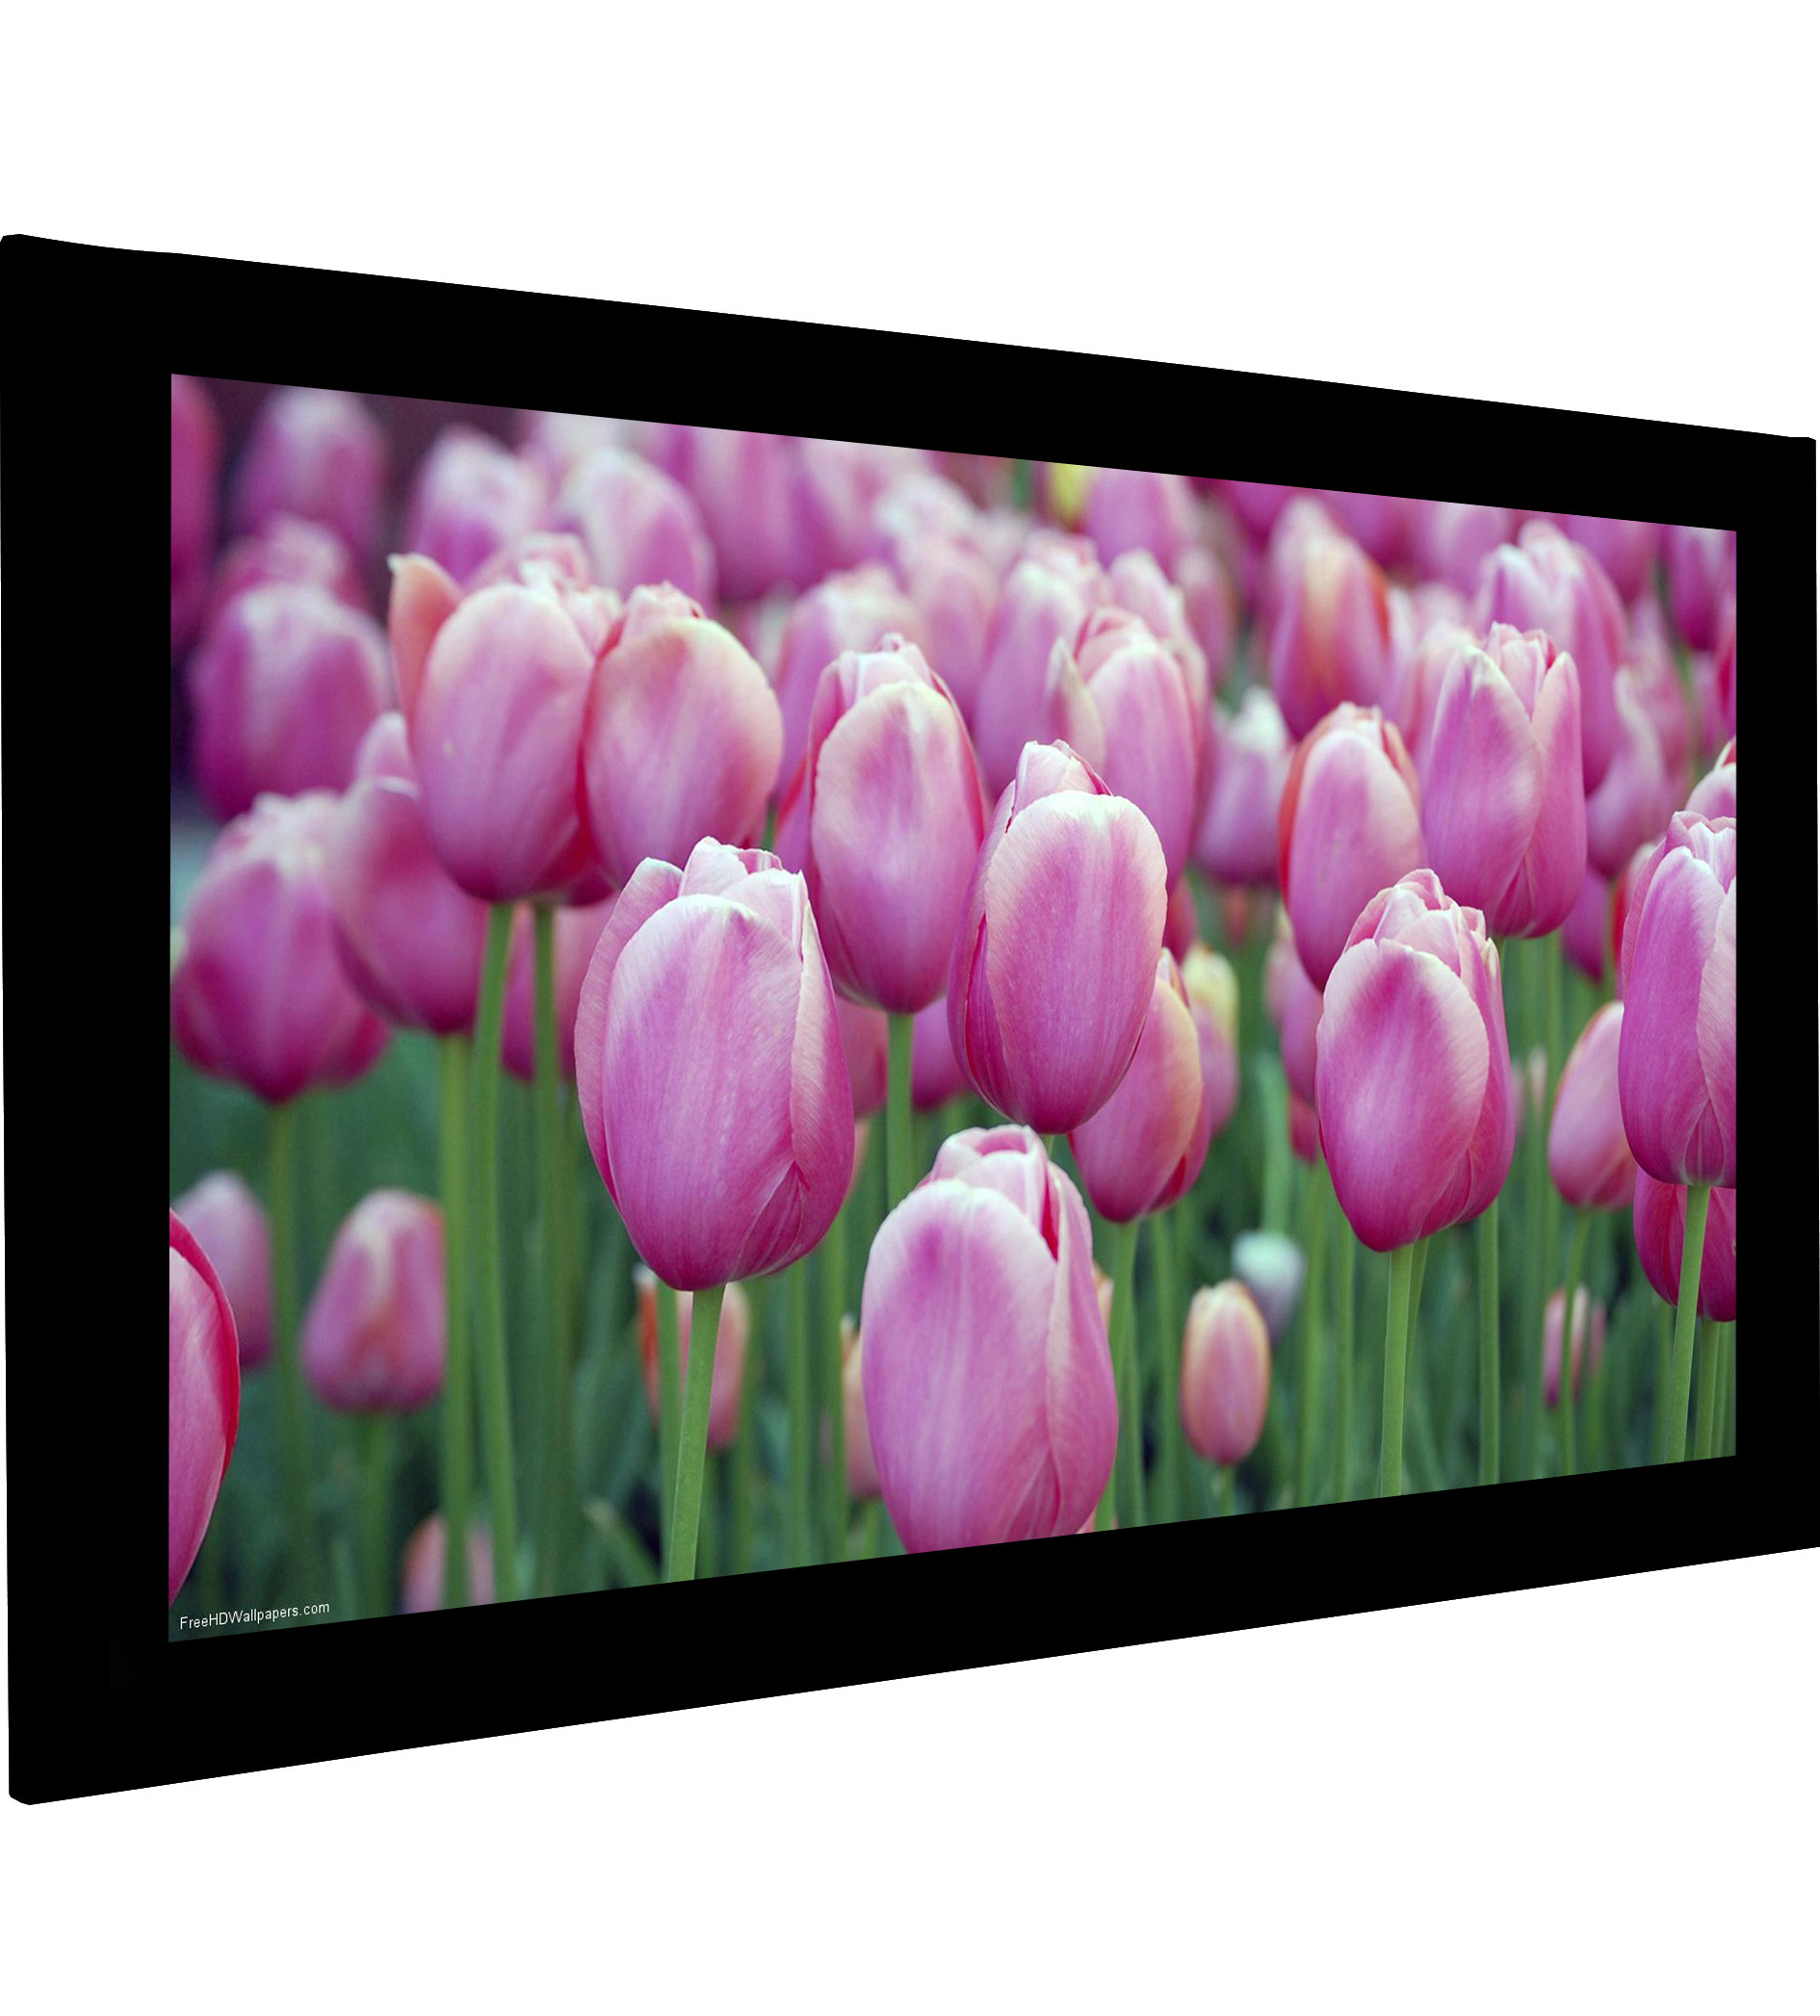 Frame Vision VS250-W